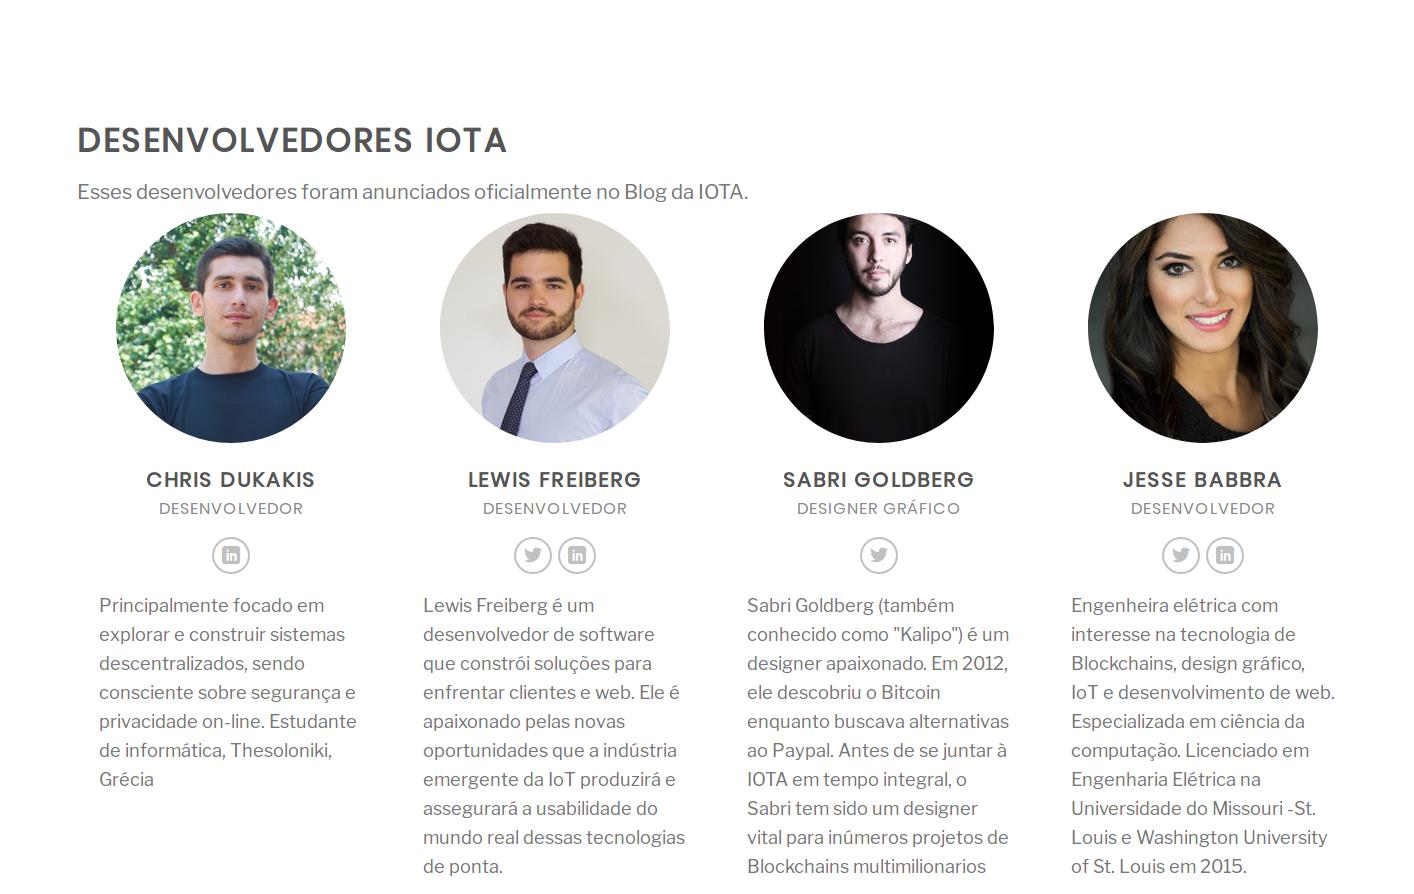 IOTA desenvolvedores 2